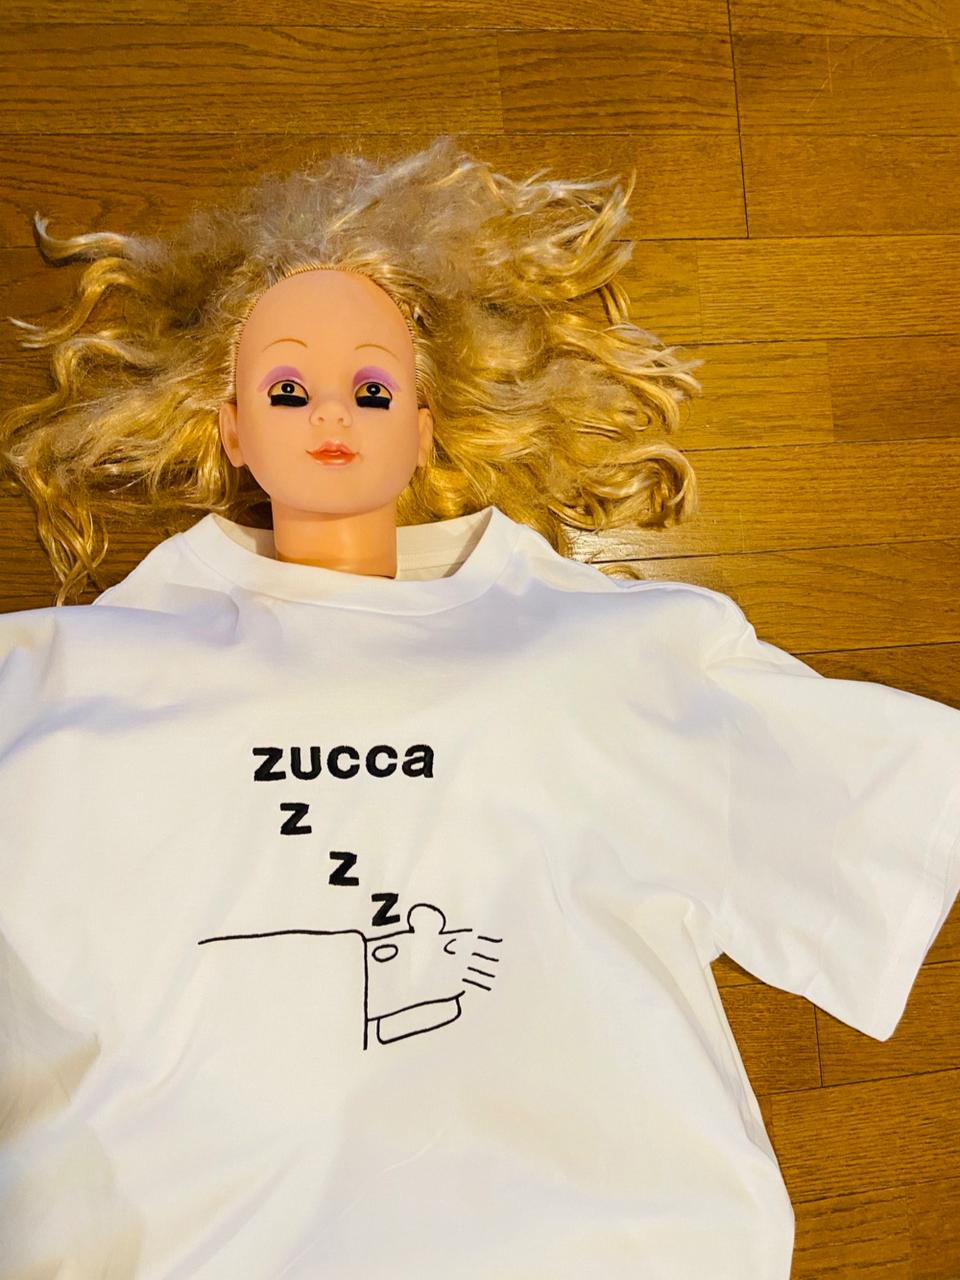 現代美術作家の加賀美健とZUCCa 初のコラボレーションコレクションが発売|ZUCCa